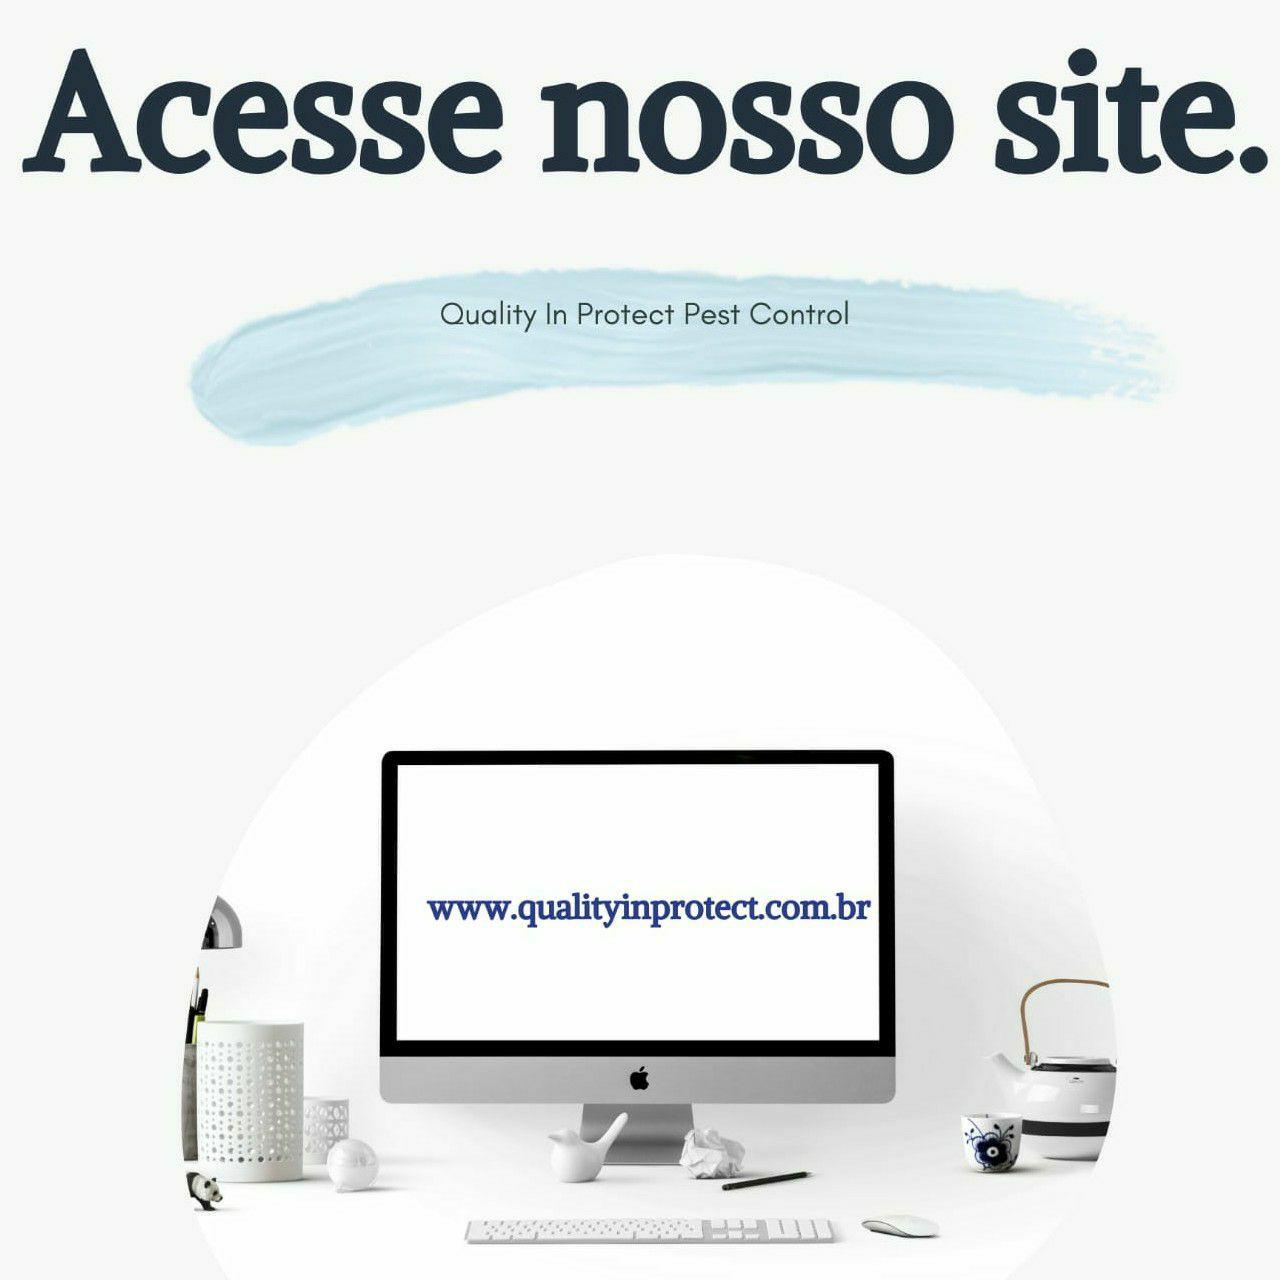 Acesse nosso site e nos conheça